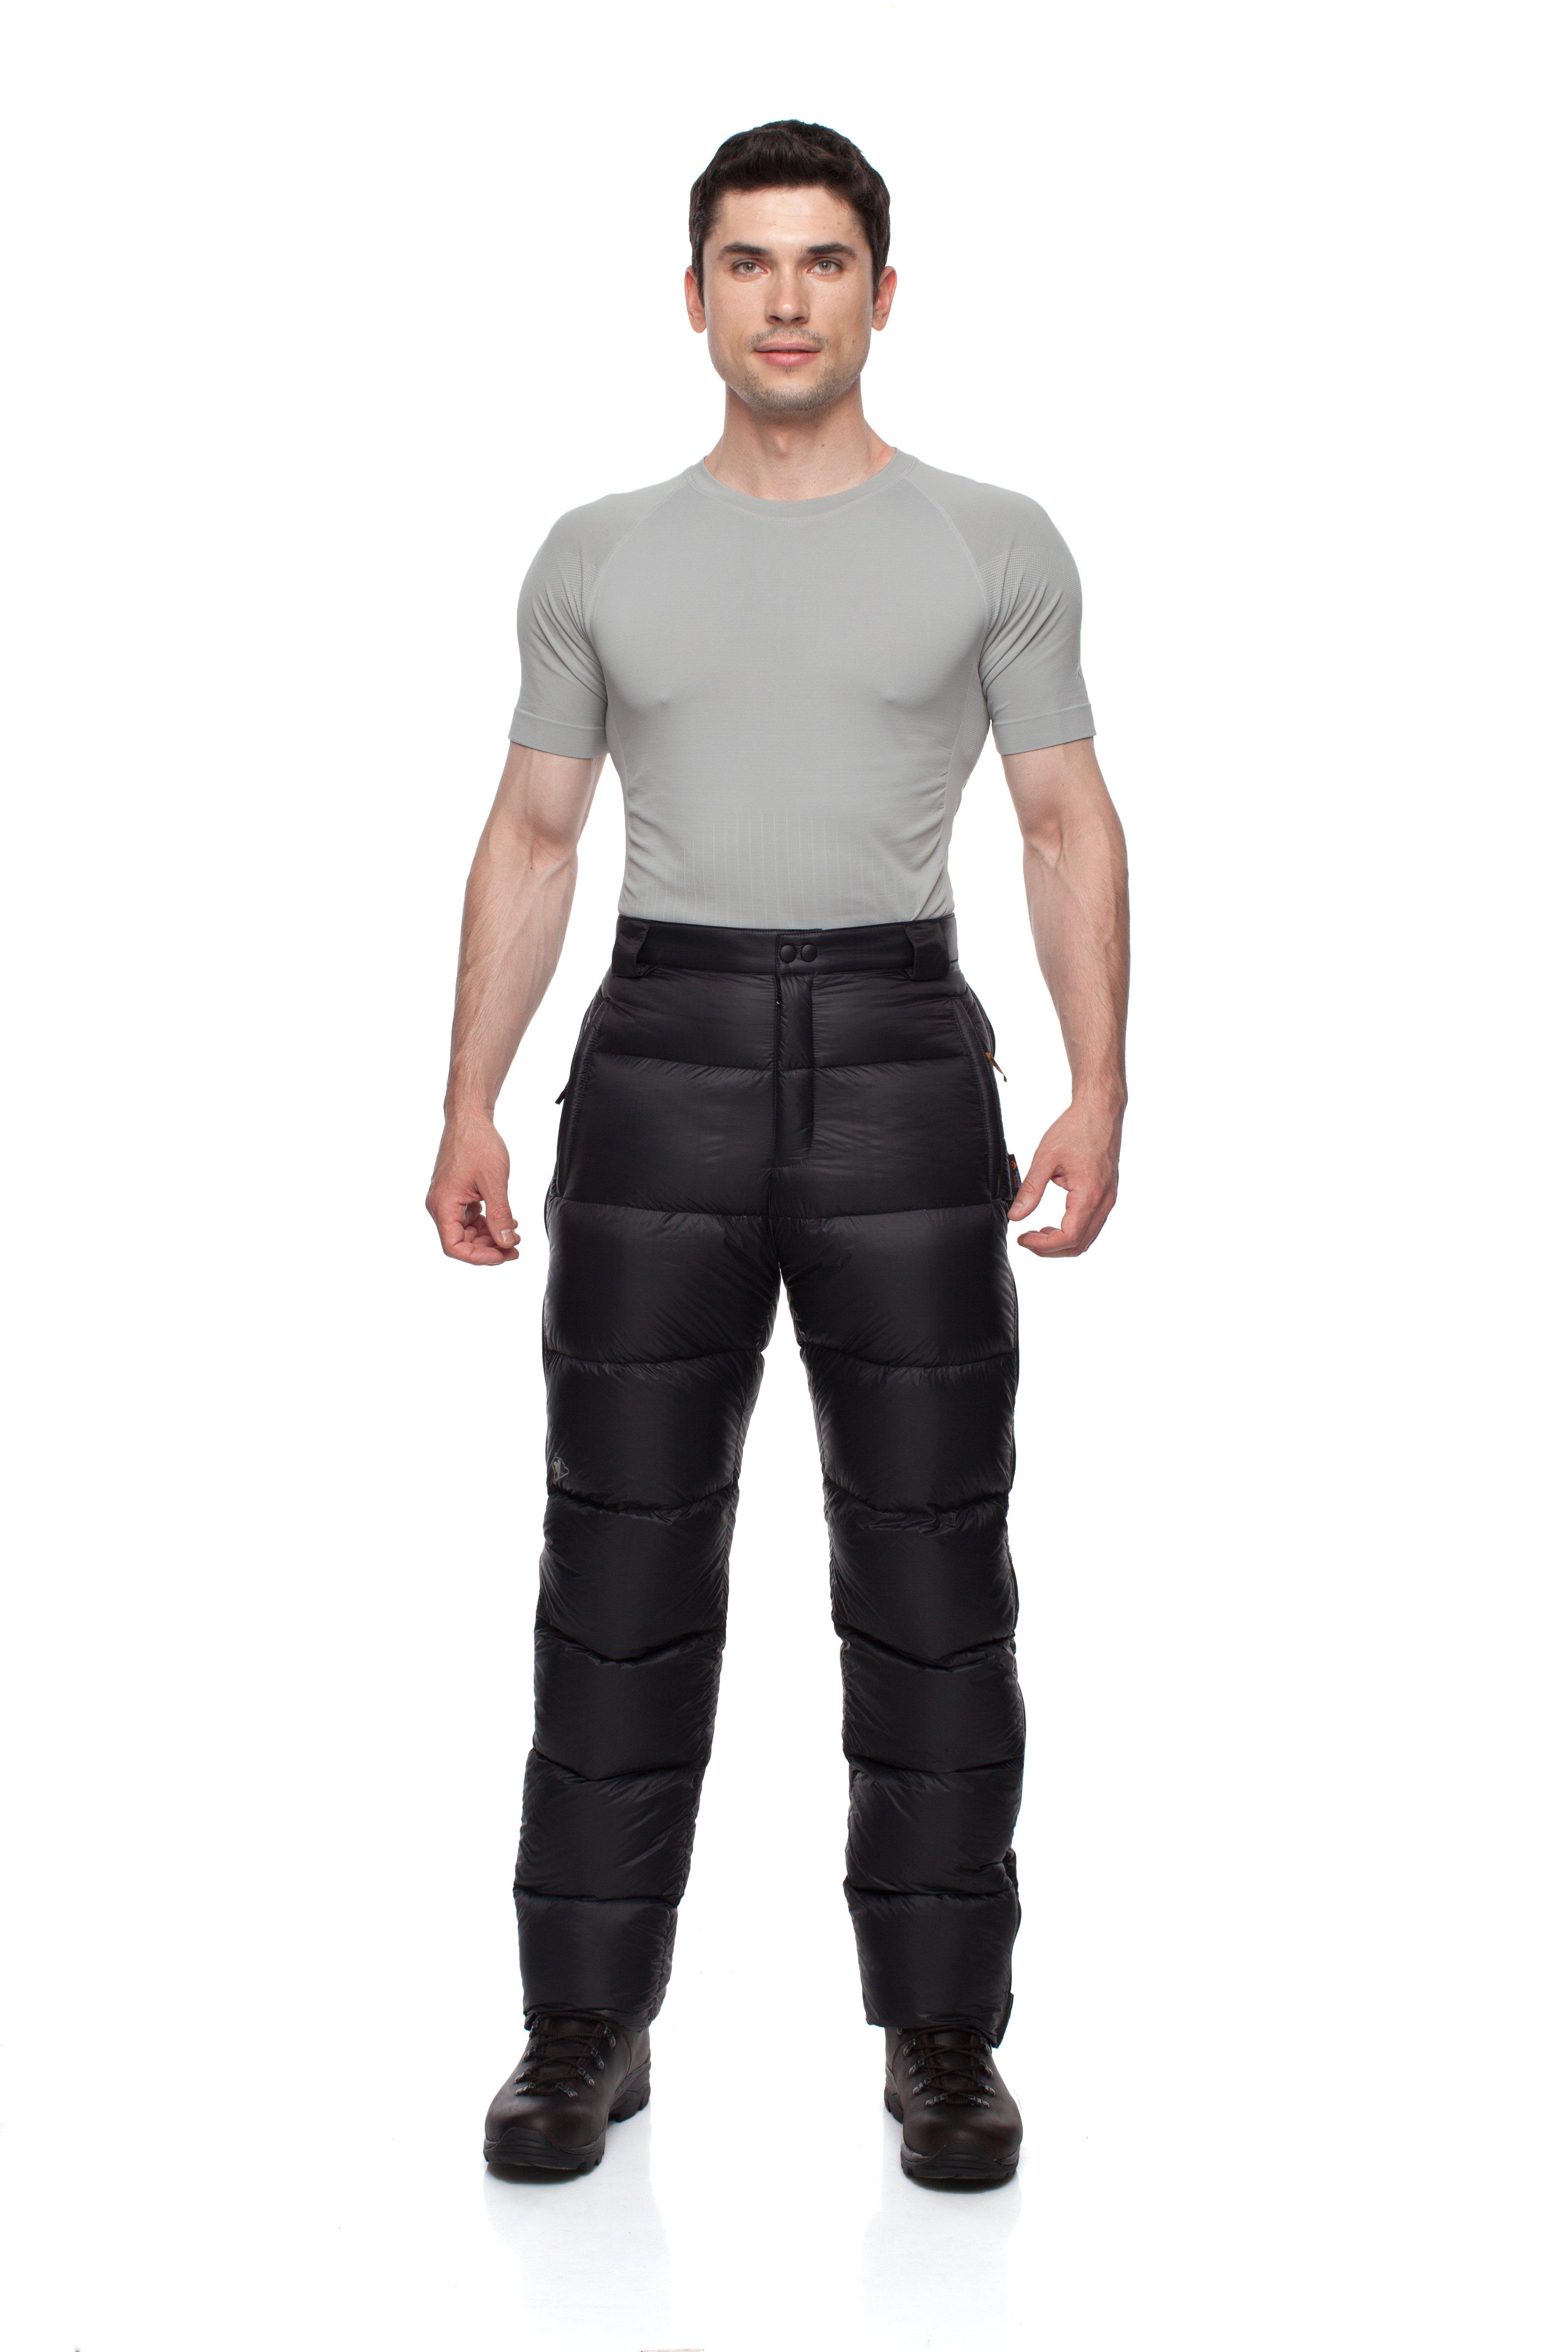 Пуховые брюки BASK MERIBEL V3 3323Универсальные брюки-самосбросы. В качестве утеплителя используется пух высокого качества.<br><br>Верхняя ткань: Advance® Superior<br>Вес граммы: 430<br>Вес утеплителя: 140<br>Влагозащитные молнии: Нет<br>Внутренняя ткань: Advance® Superior<br>Количество внешних карманов: 2<br>Объемный крой коленей: Да<br>Отстегивающийся задний клапан: Нет<br>Пол: Унисекс<br>Регулировка объема нижней части штанин: Да<br>Регулировка пояса: Да<br>Регулируемые бретели: Нет<br>Регулируемые вентиляционные отверстия: Нет<br>Самосбросы: Да<br>Система крепления к нижней части брюк: Нет<br>Снегозащитные муфты: Нет<br>Съемные защитные вкладыши: Нет<br>Температурный режим: -10<br>Технология Thermal Welding: Нет<br>Тип утеплителя: натуральный<br>Тип шва: простые<br>Усиление швов закрепками: Да<br>Утеплитель: гусиный пух<br>Функциональная молния спереди: Да<br>Размер RU: 42<br>Цвет: ЧЕРНЫЙ